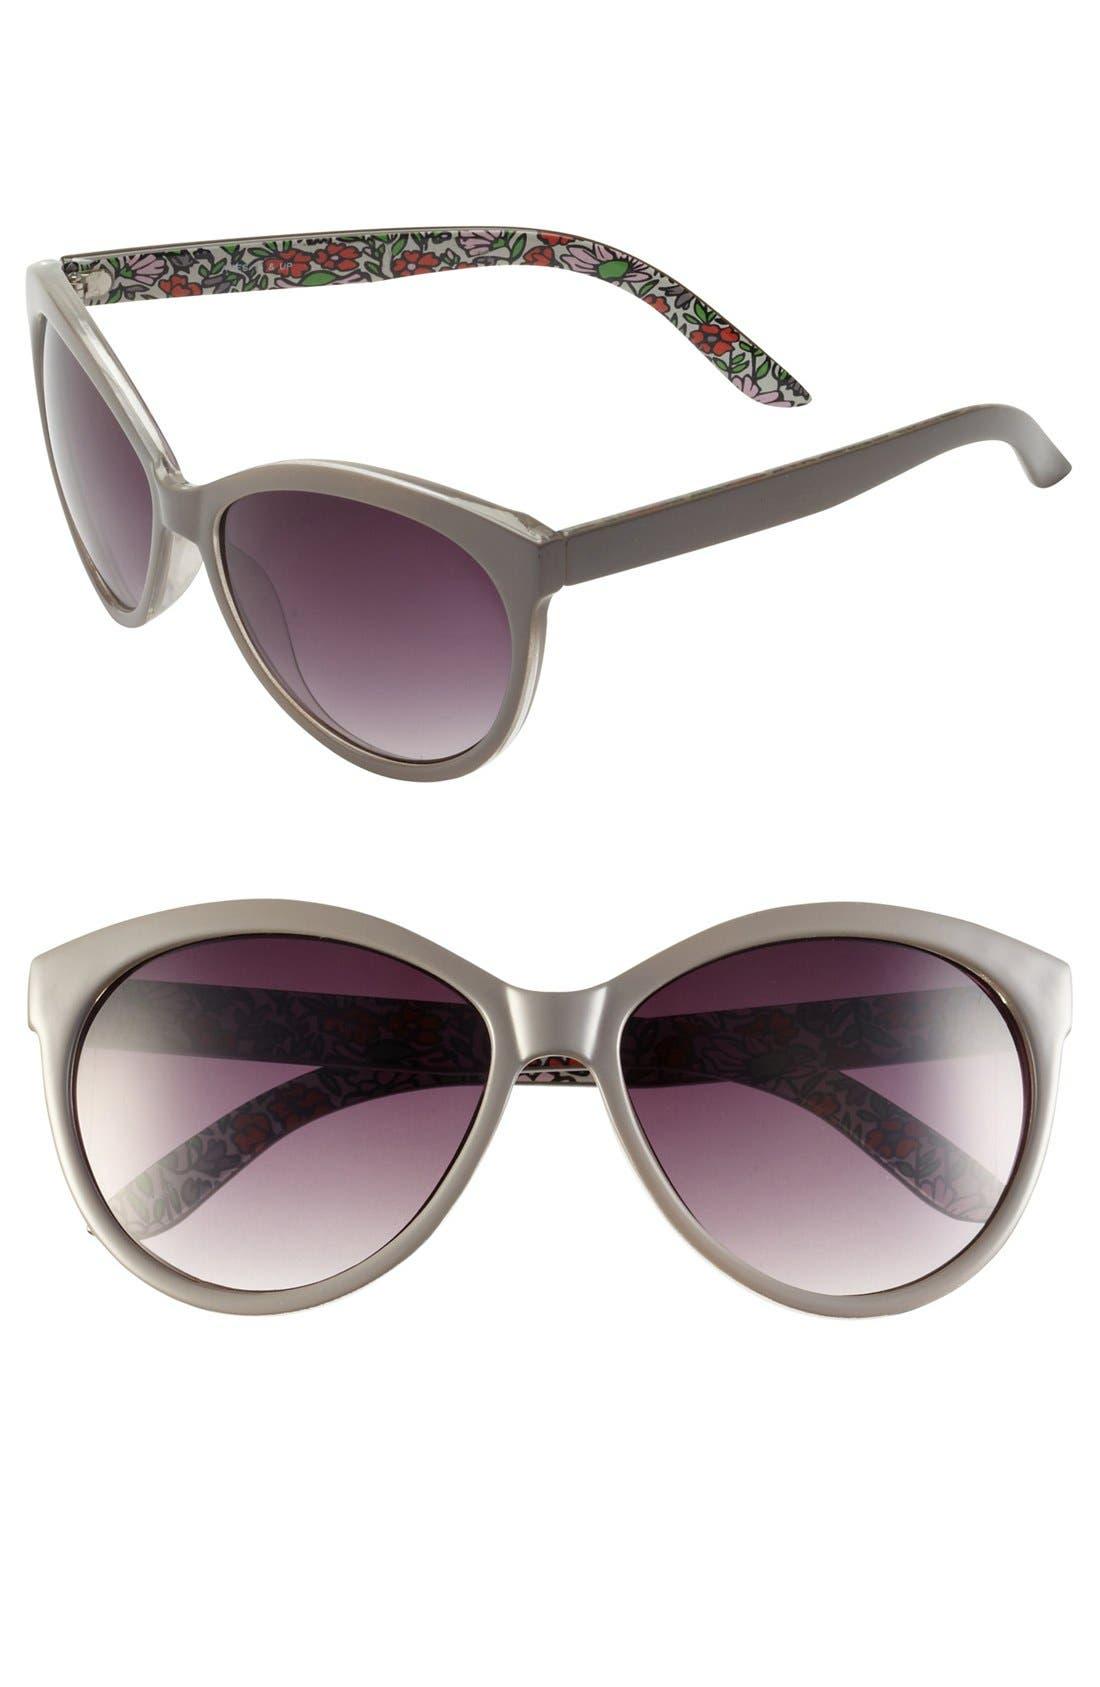 Main Image - FE NY Cat's Eye Sunglasses